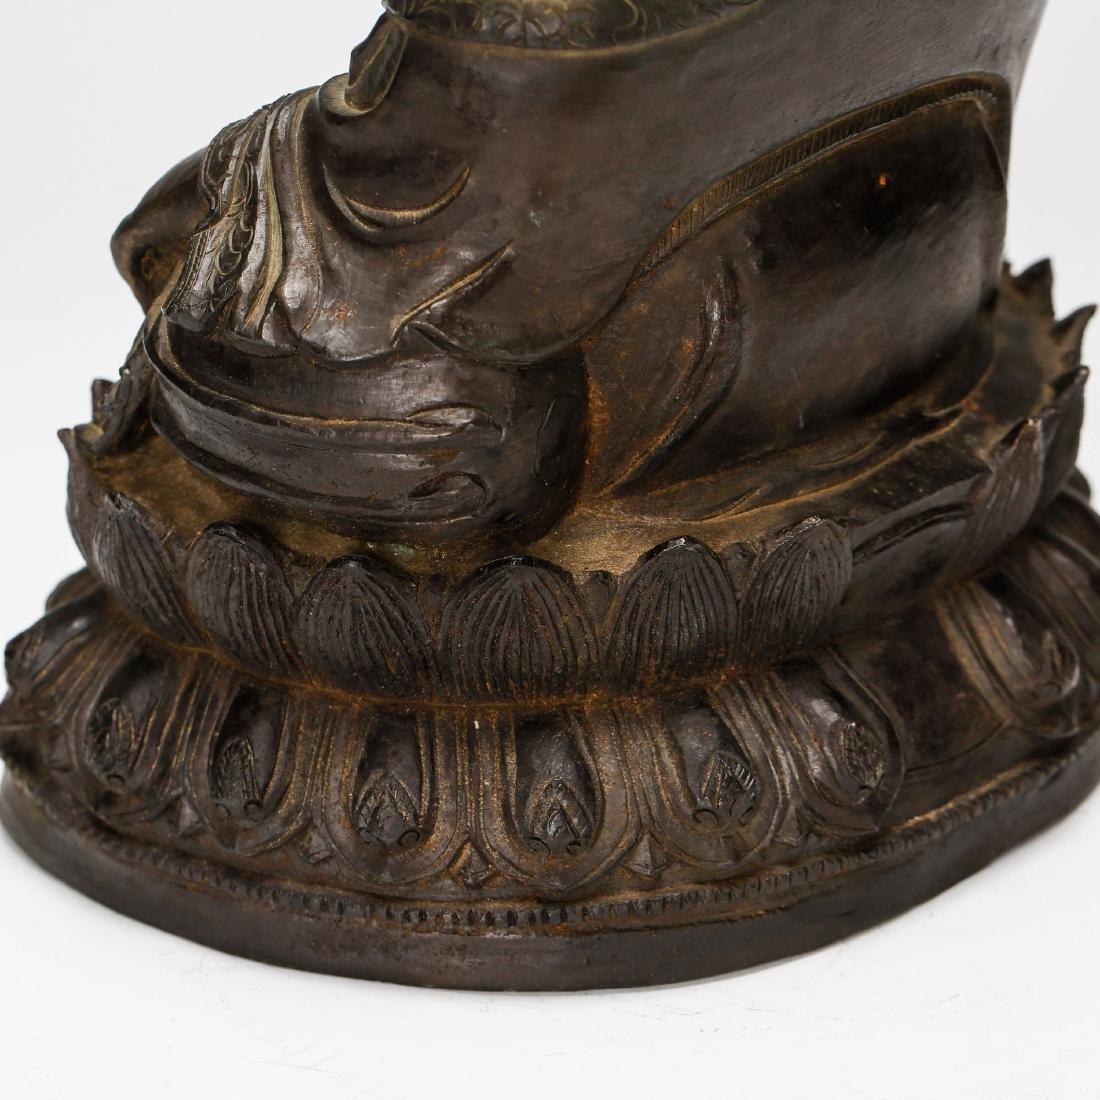 CHINESE BRONZE FIGURE OF BUDDHA - 9